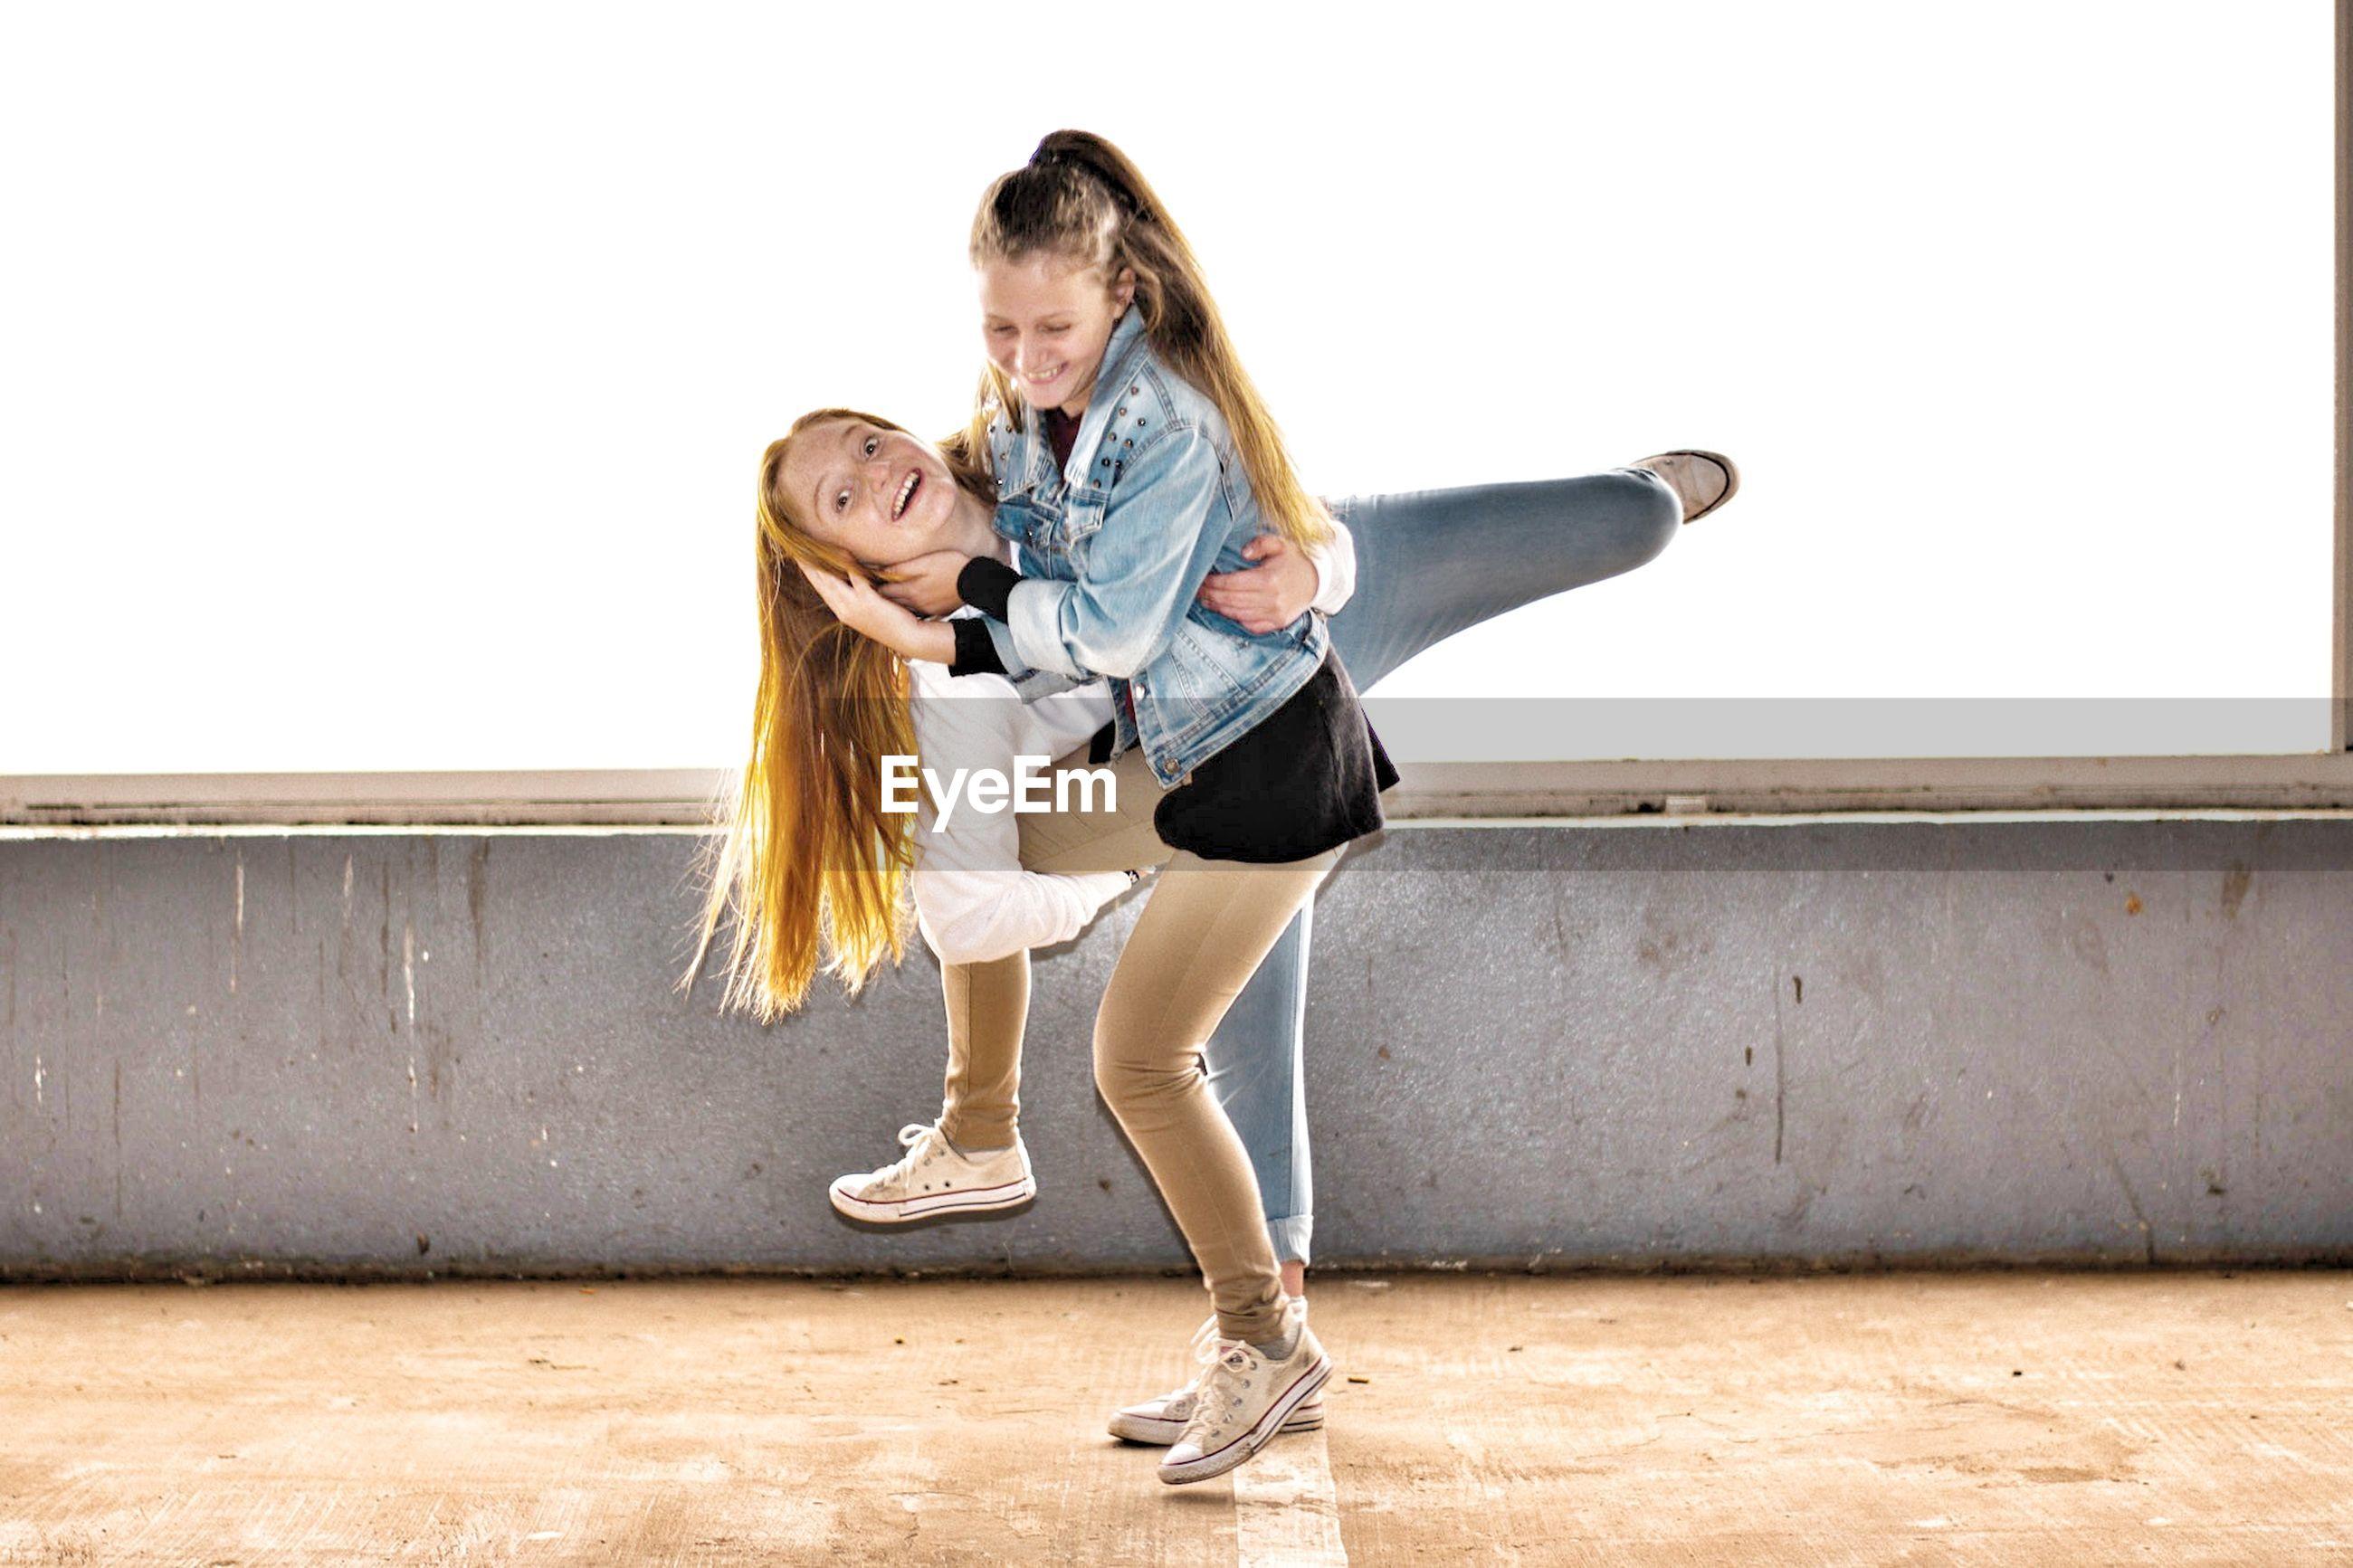 Playful siblings on walkway